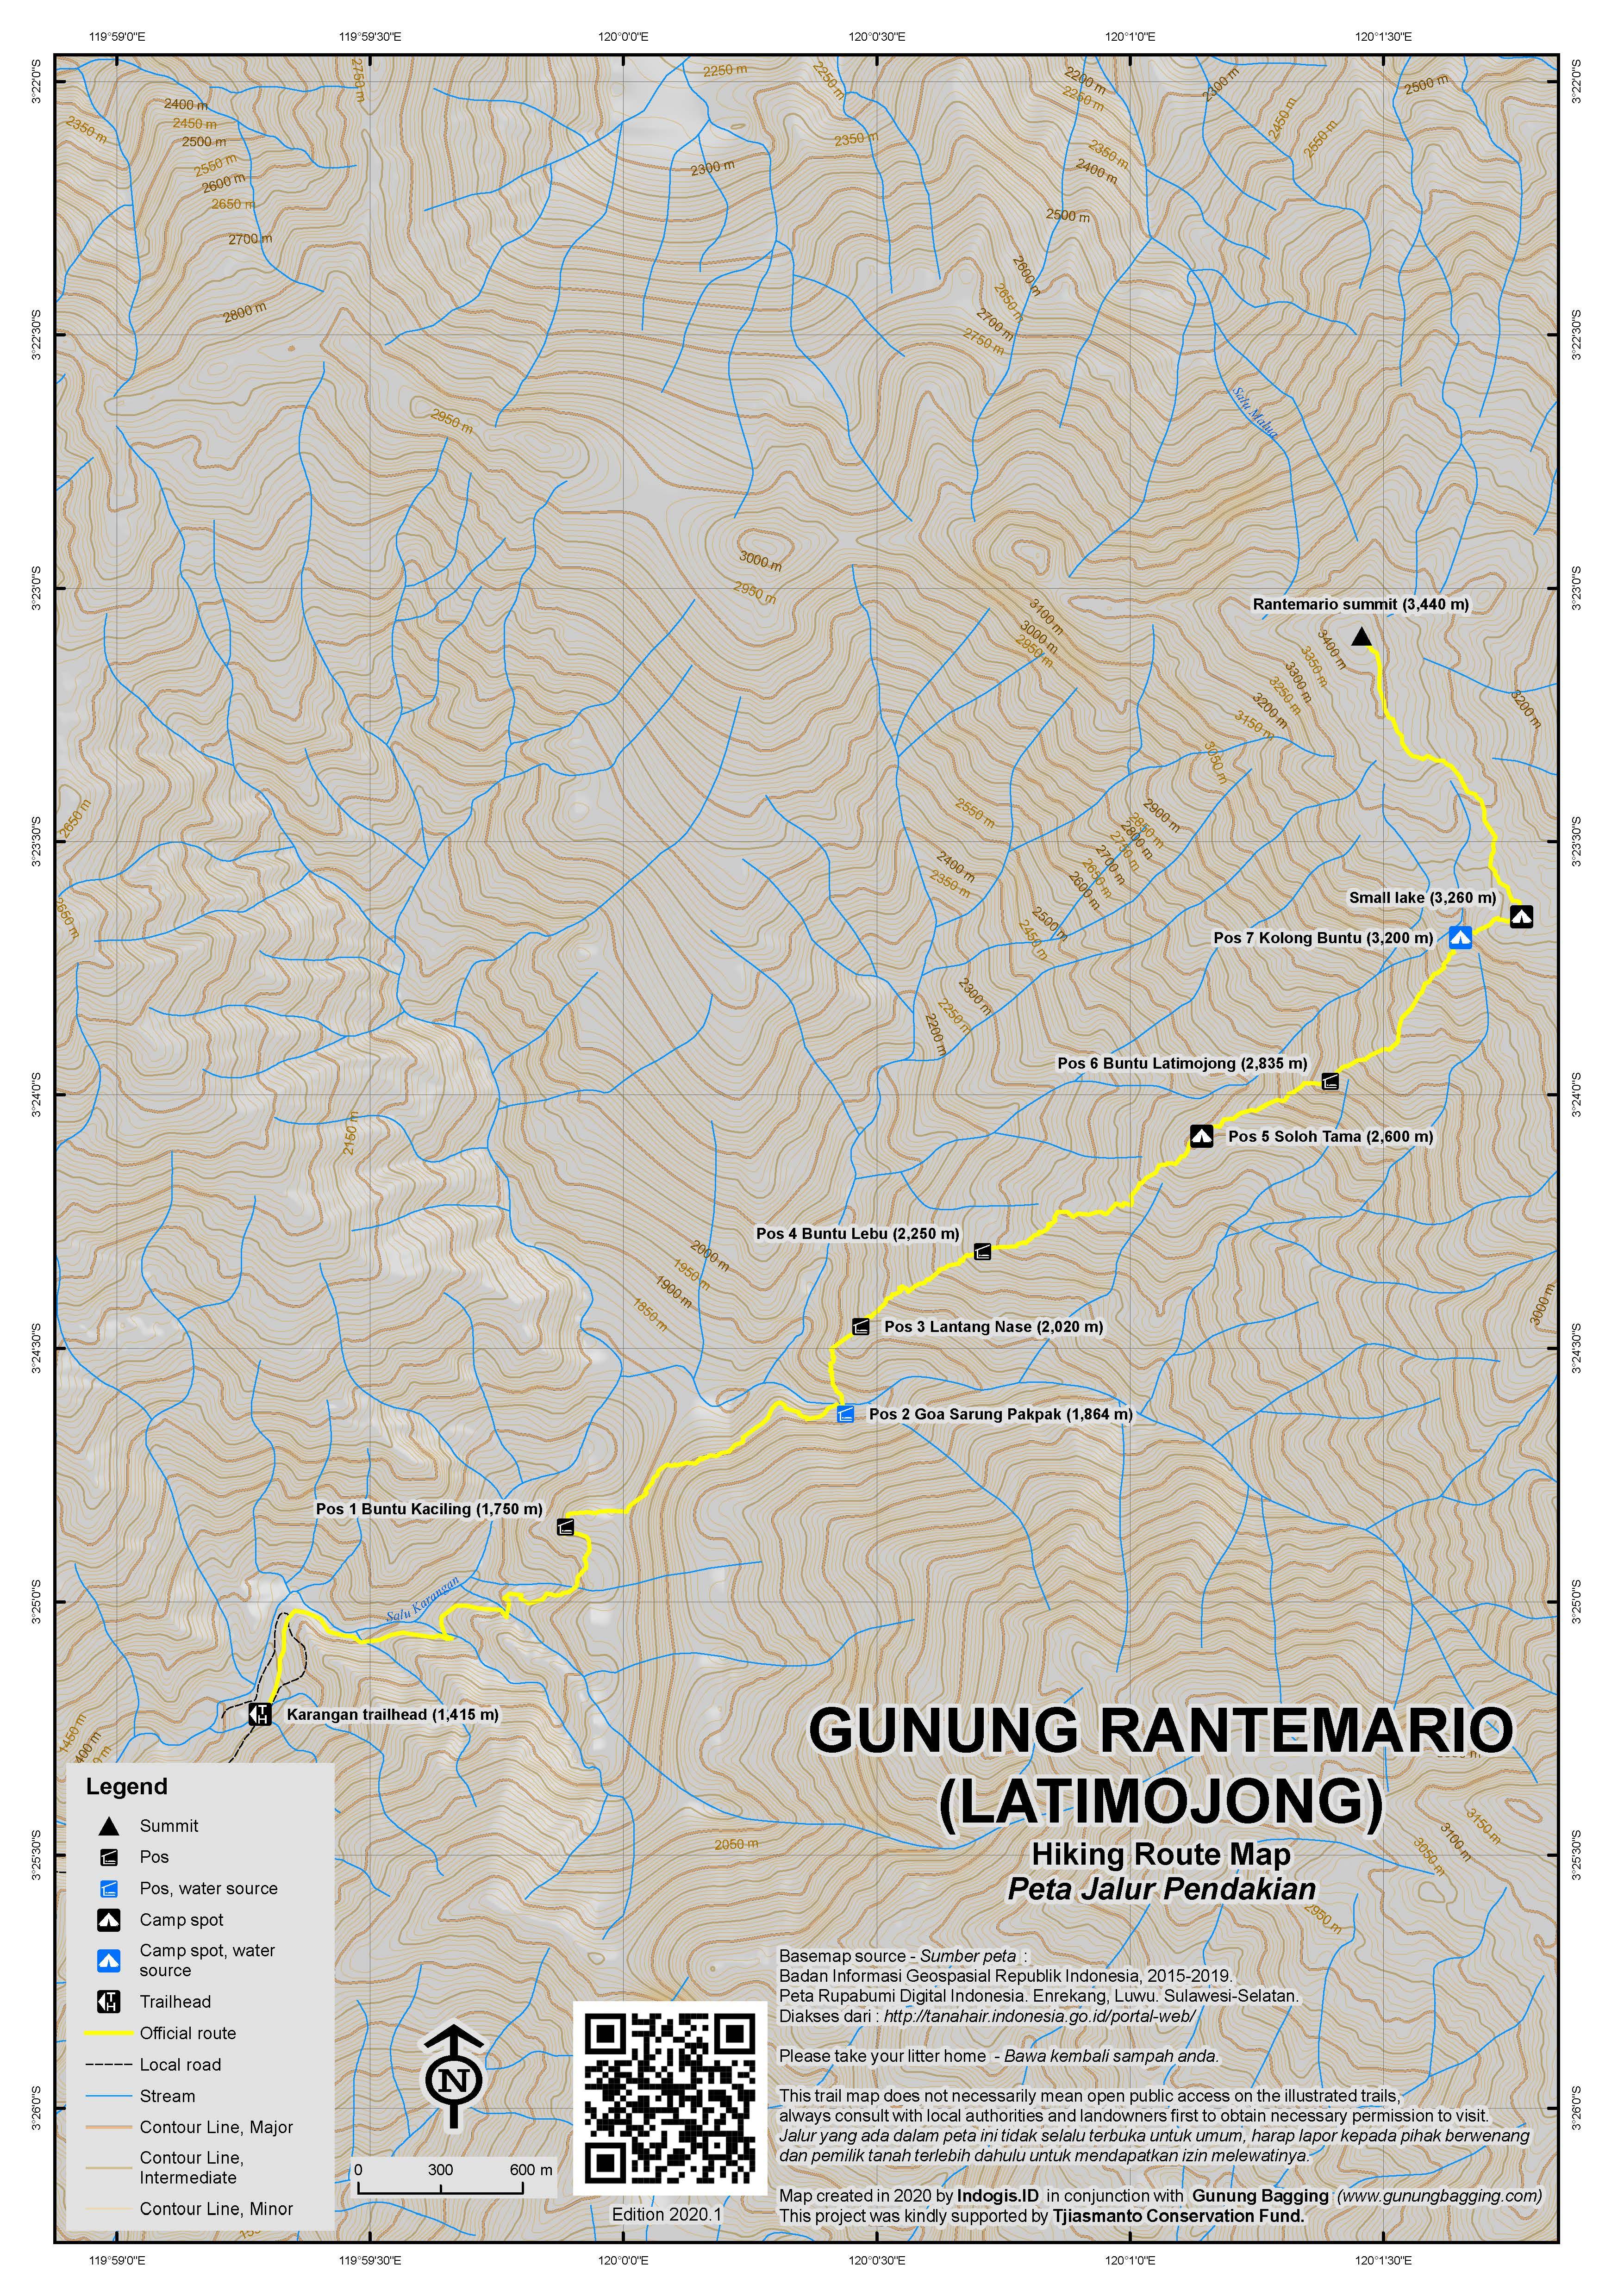 Peta Jalur Pendakian Gunung Rantemario (Latimojong)